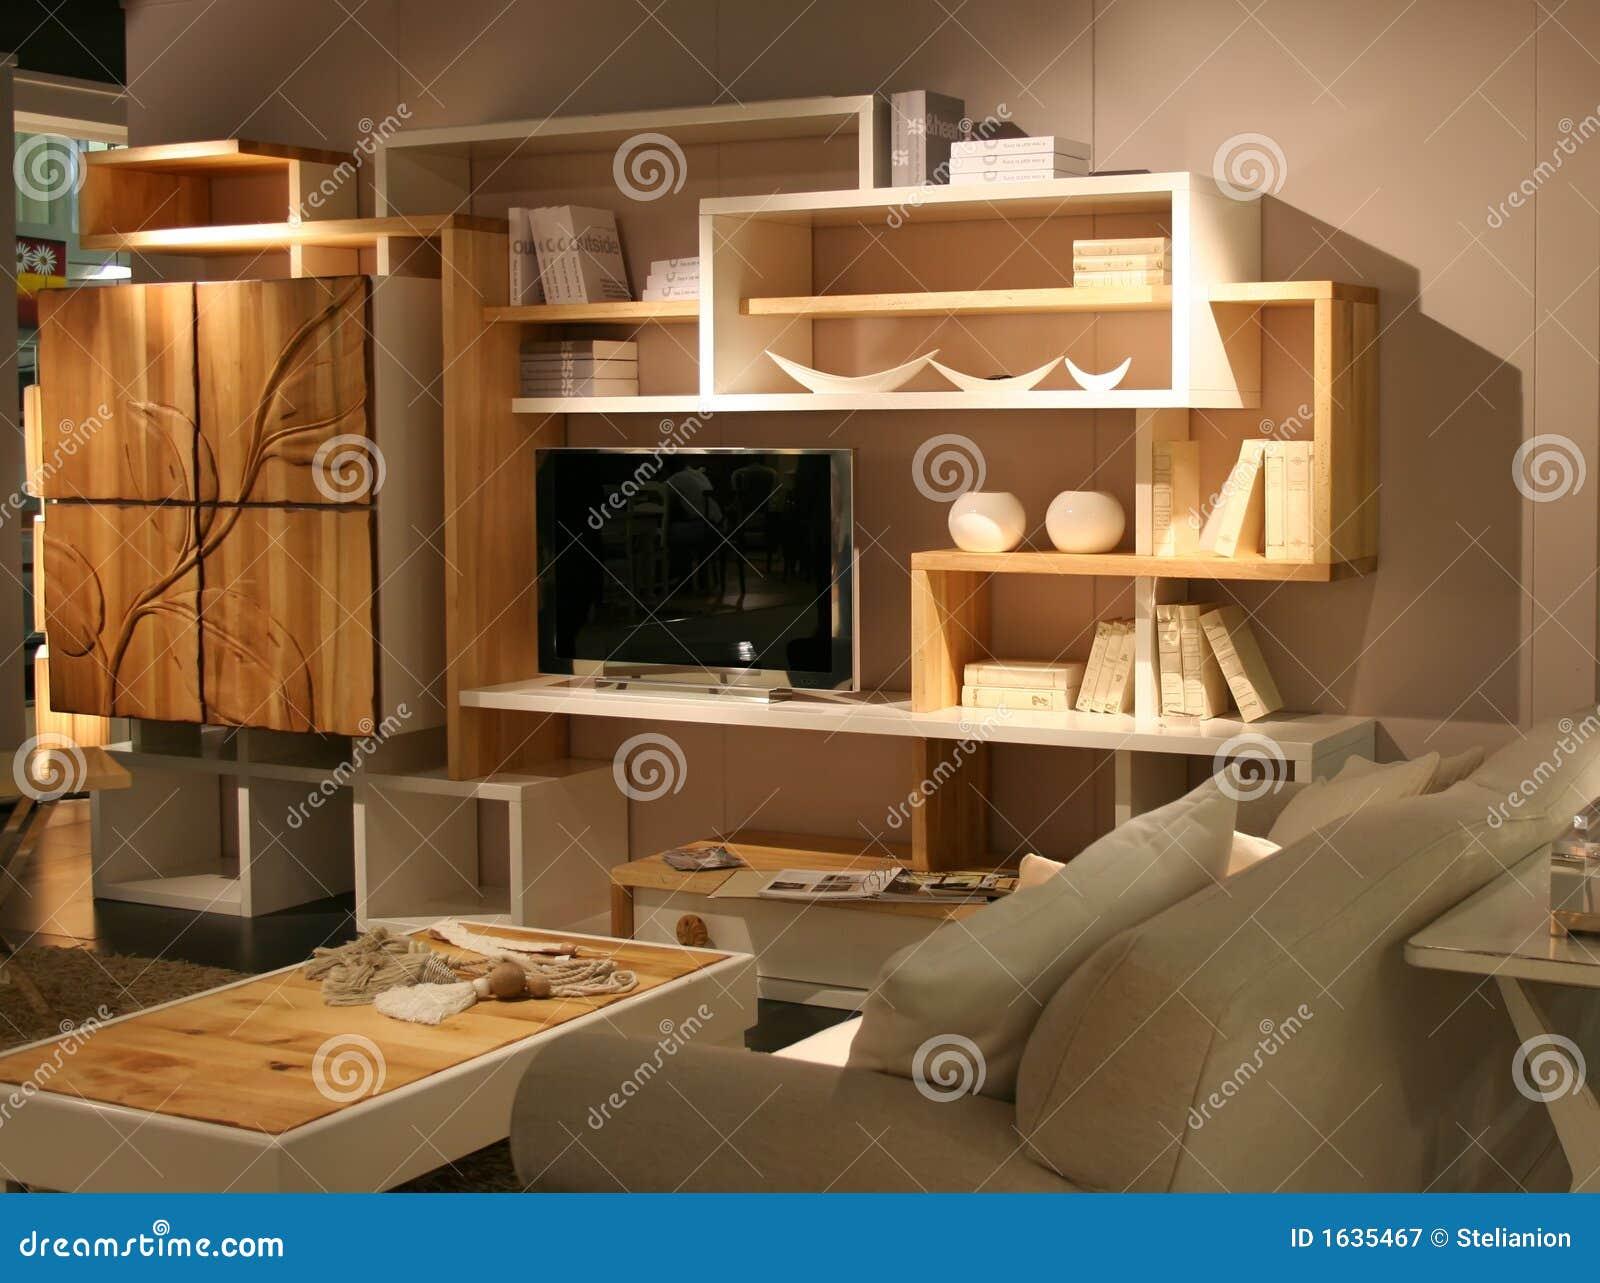 Woonkamer verf ideeen: slaapkamer verven voorbeelden woonkamer ...